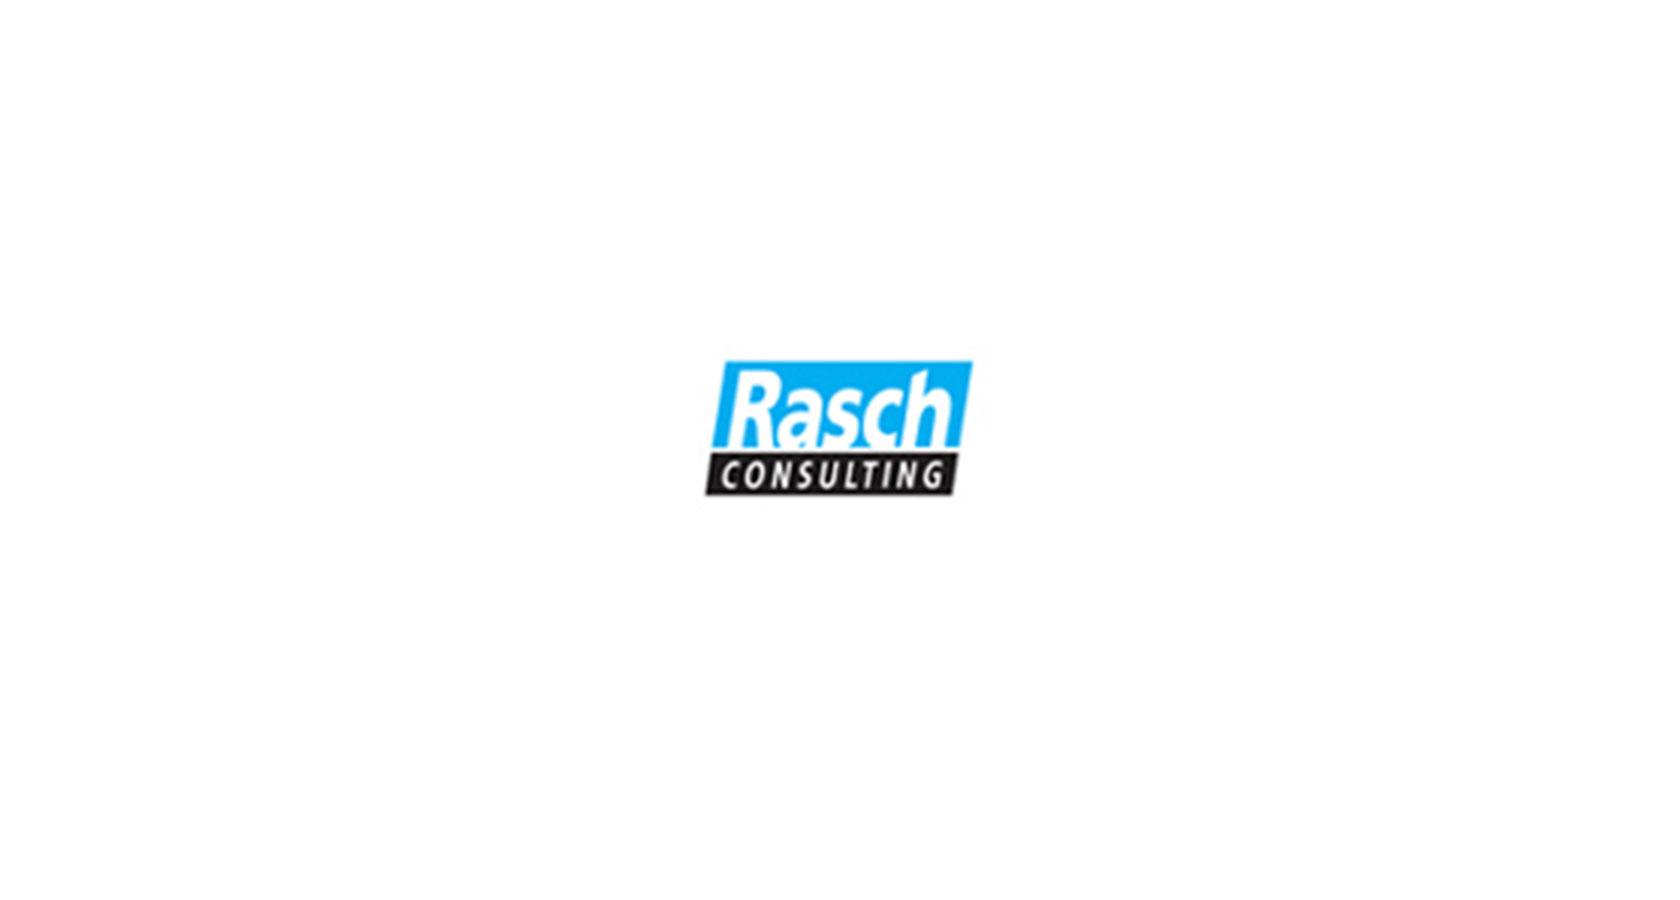 Logo der Rasch Consulting GmbH